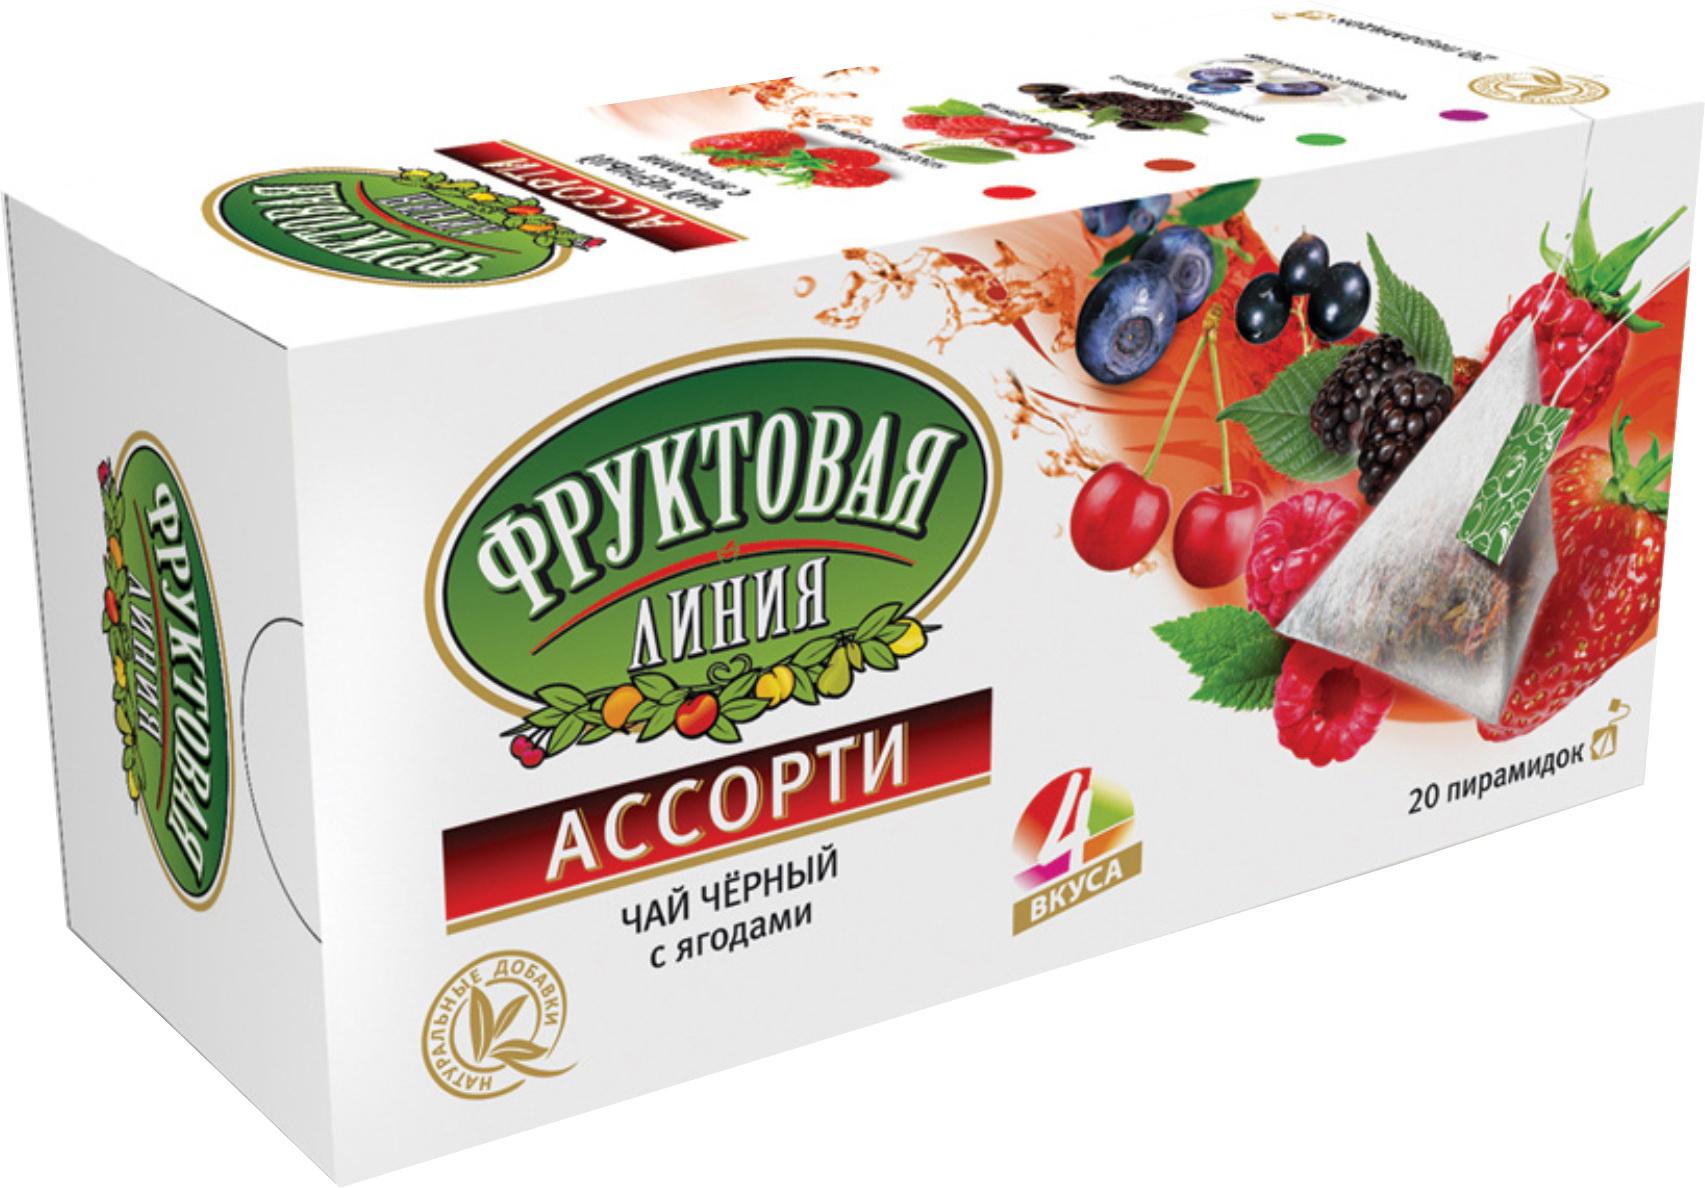 Фруктовая линия Ассорти с ягодами черный чай в пирамидках, 20 шт (4 вкуса)4607003044688Фруктовая линия - это яркая коллекция черного, ягодного и травяного чаев с восхитительными ароматами в популярном формате Ассорти.